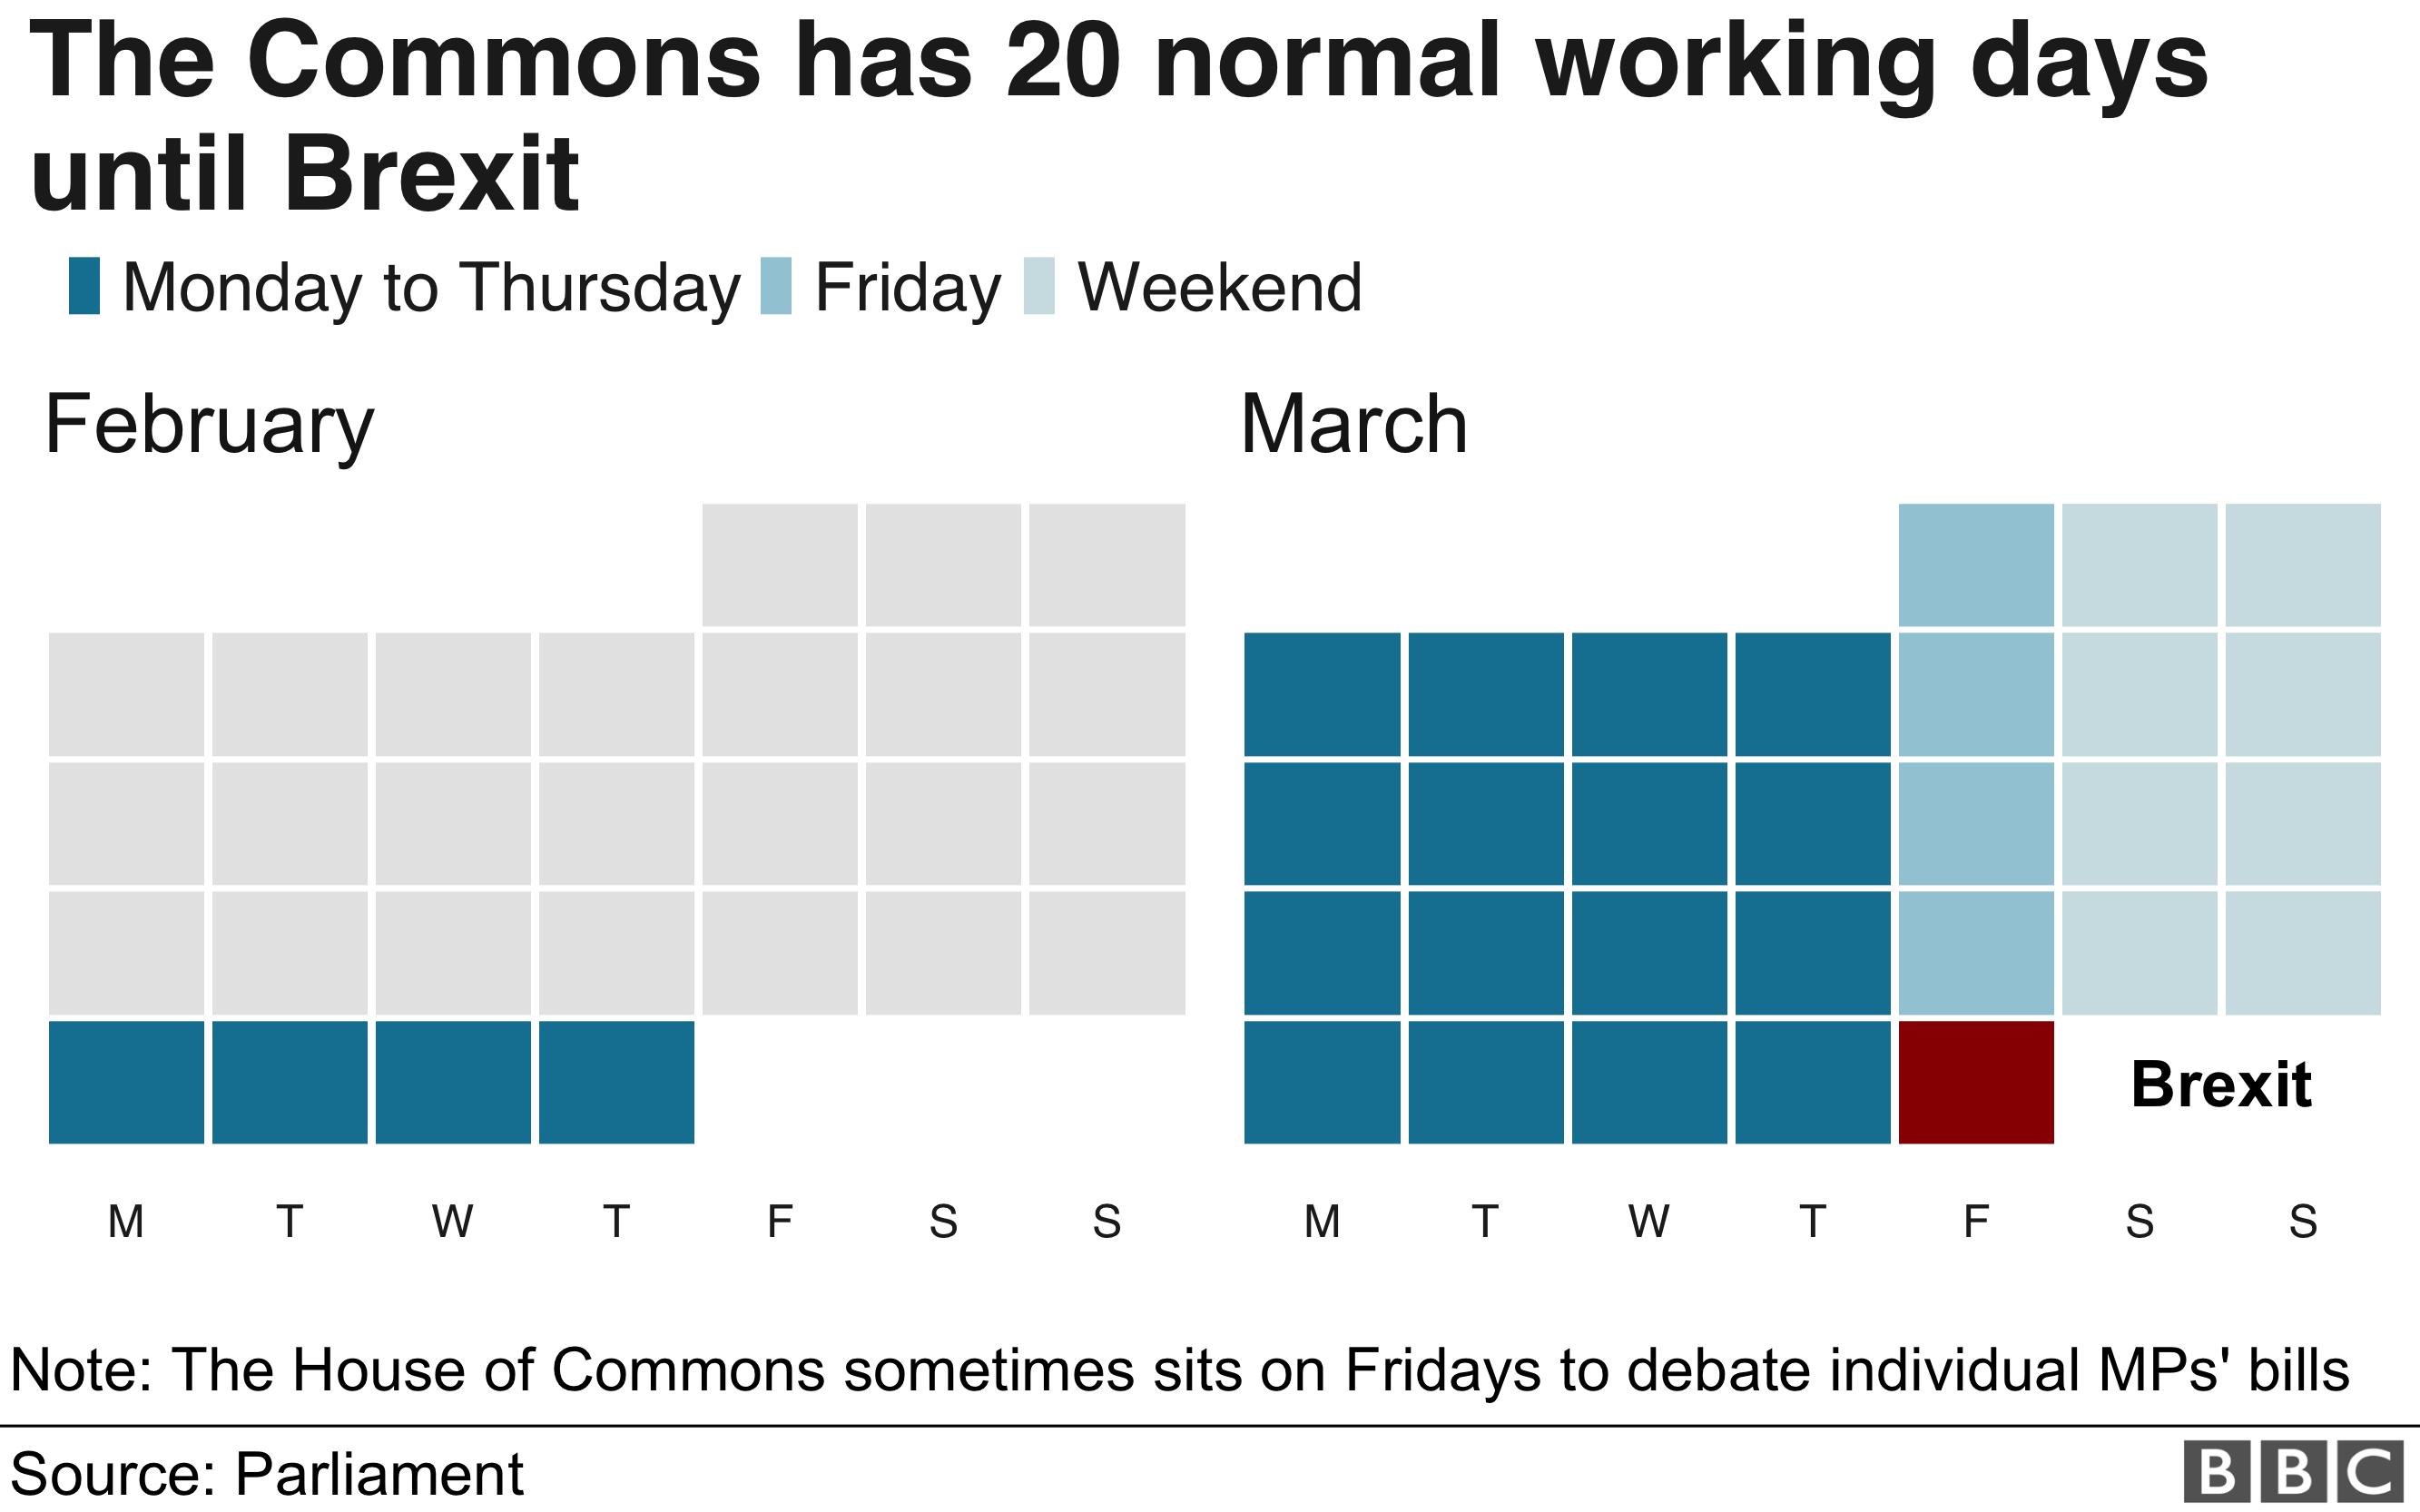 Working days until Brexit